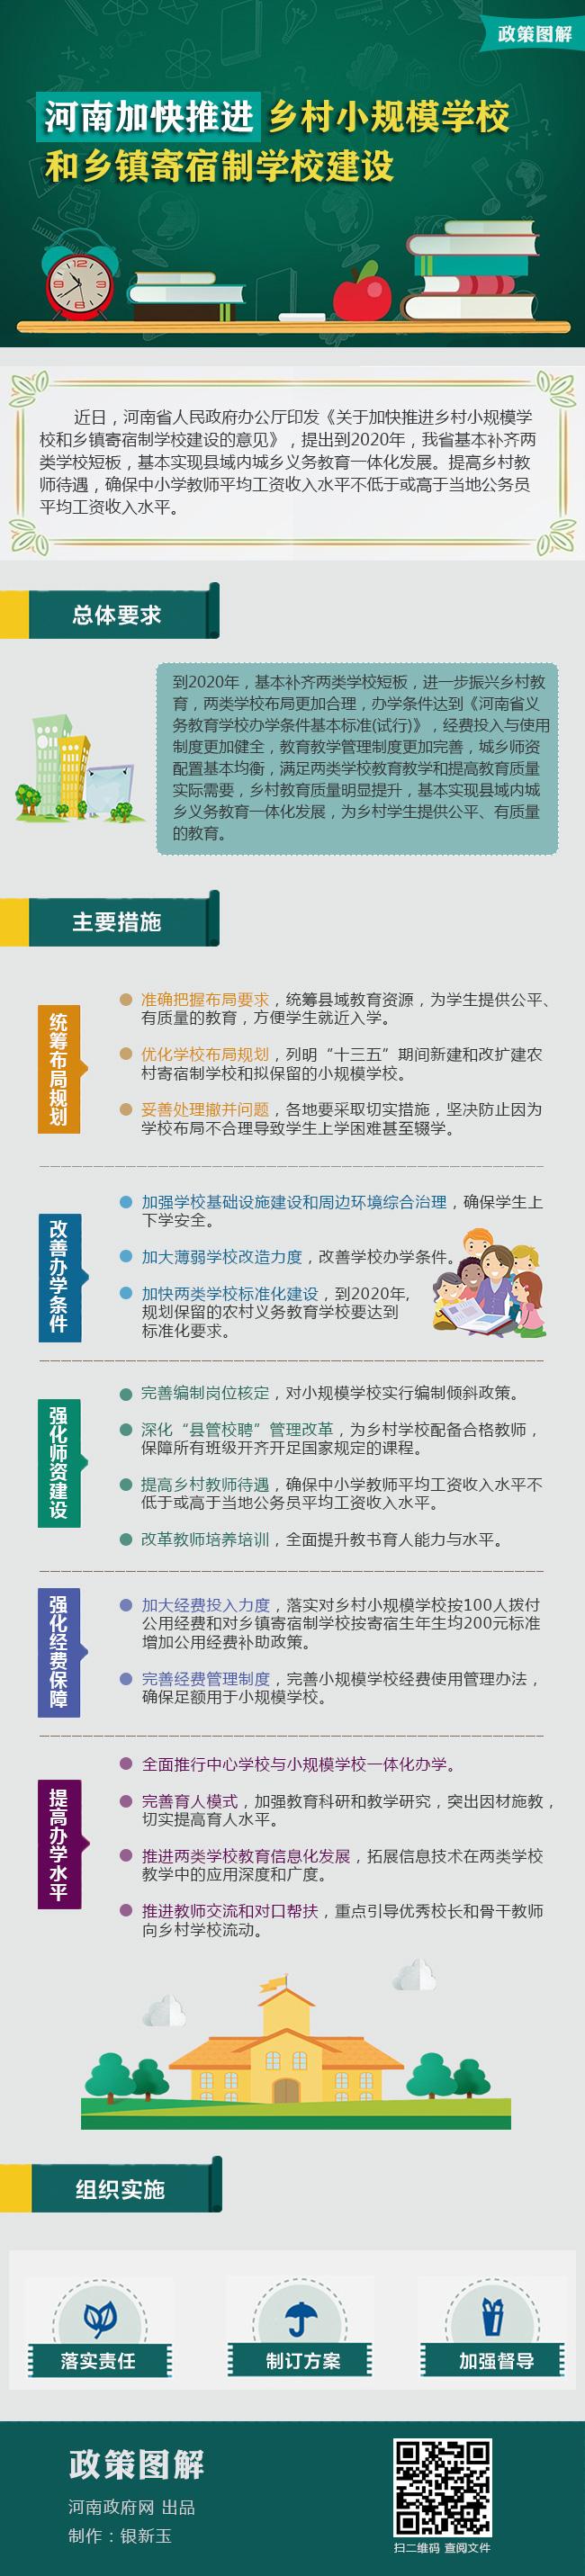 教育12.jpg